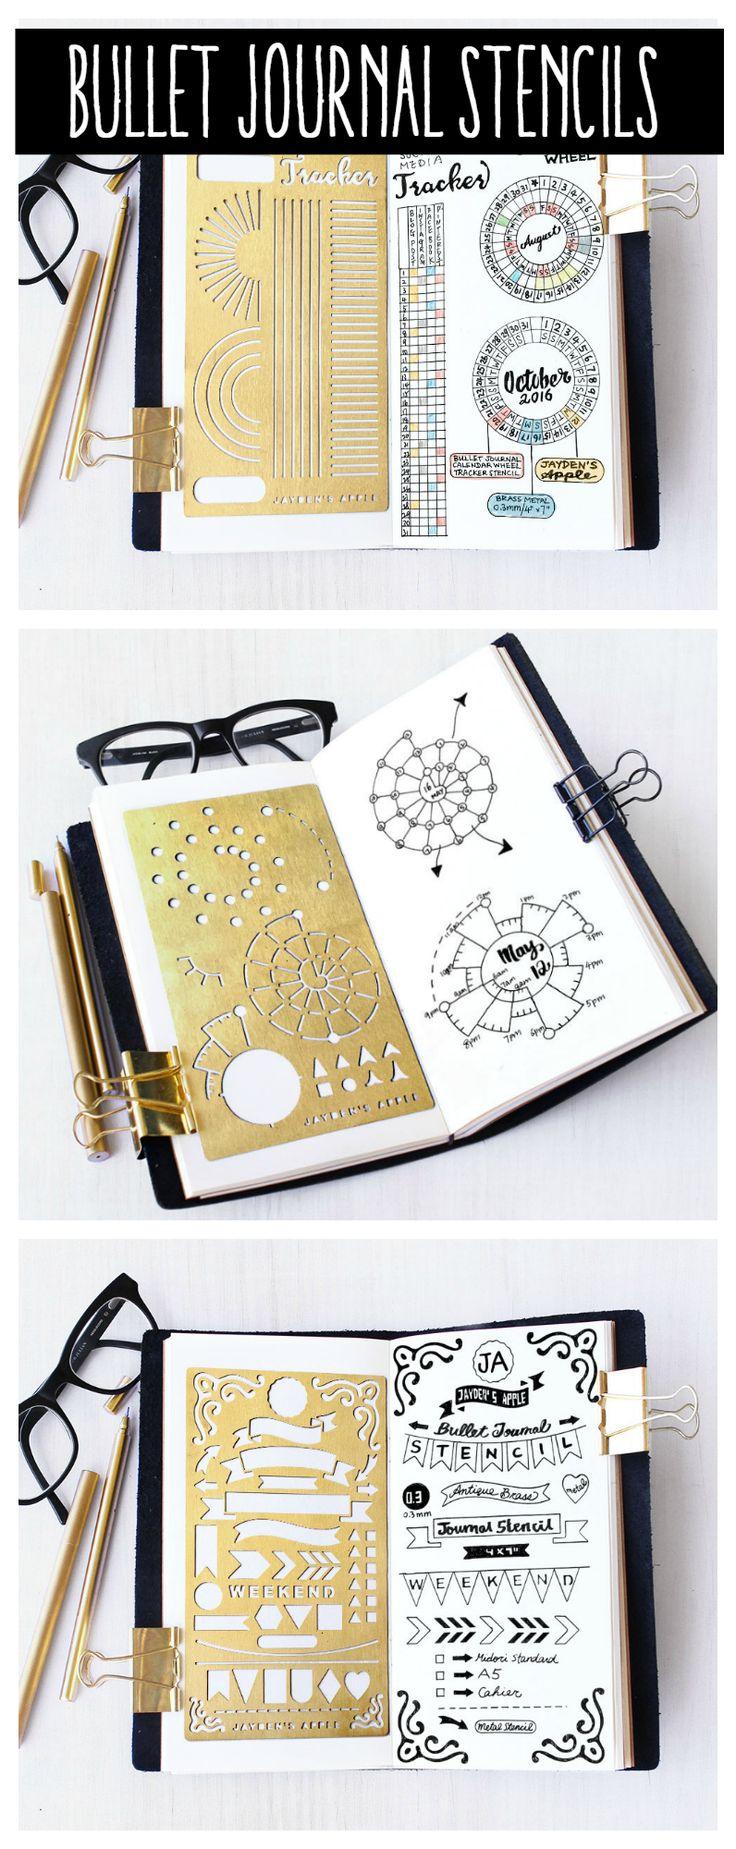 Bullet Journal Stencils #stencils #getorganized #planners #DIY